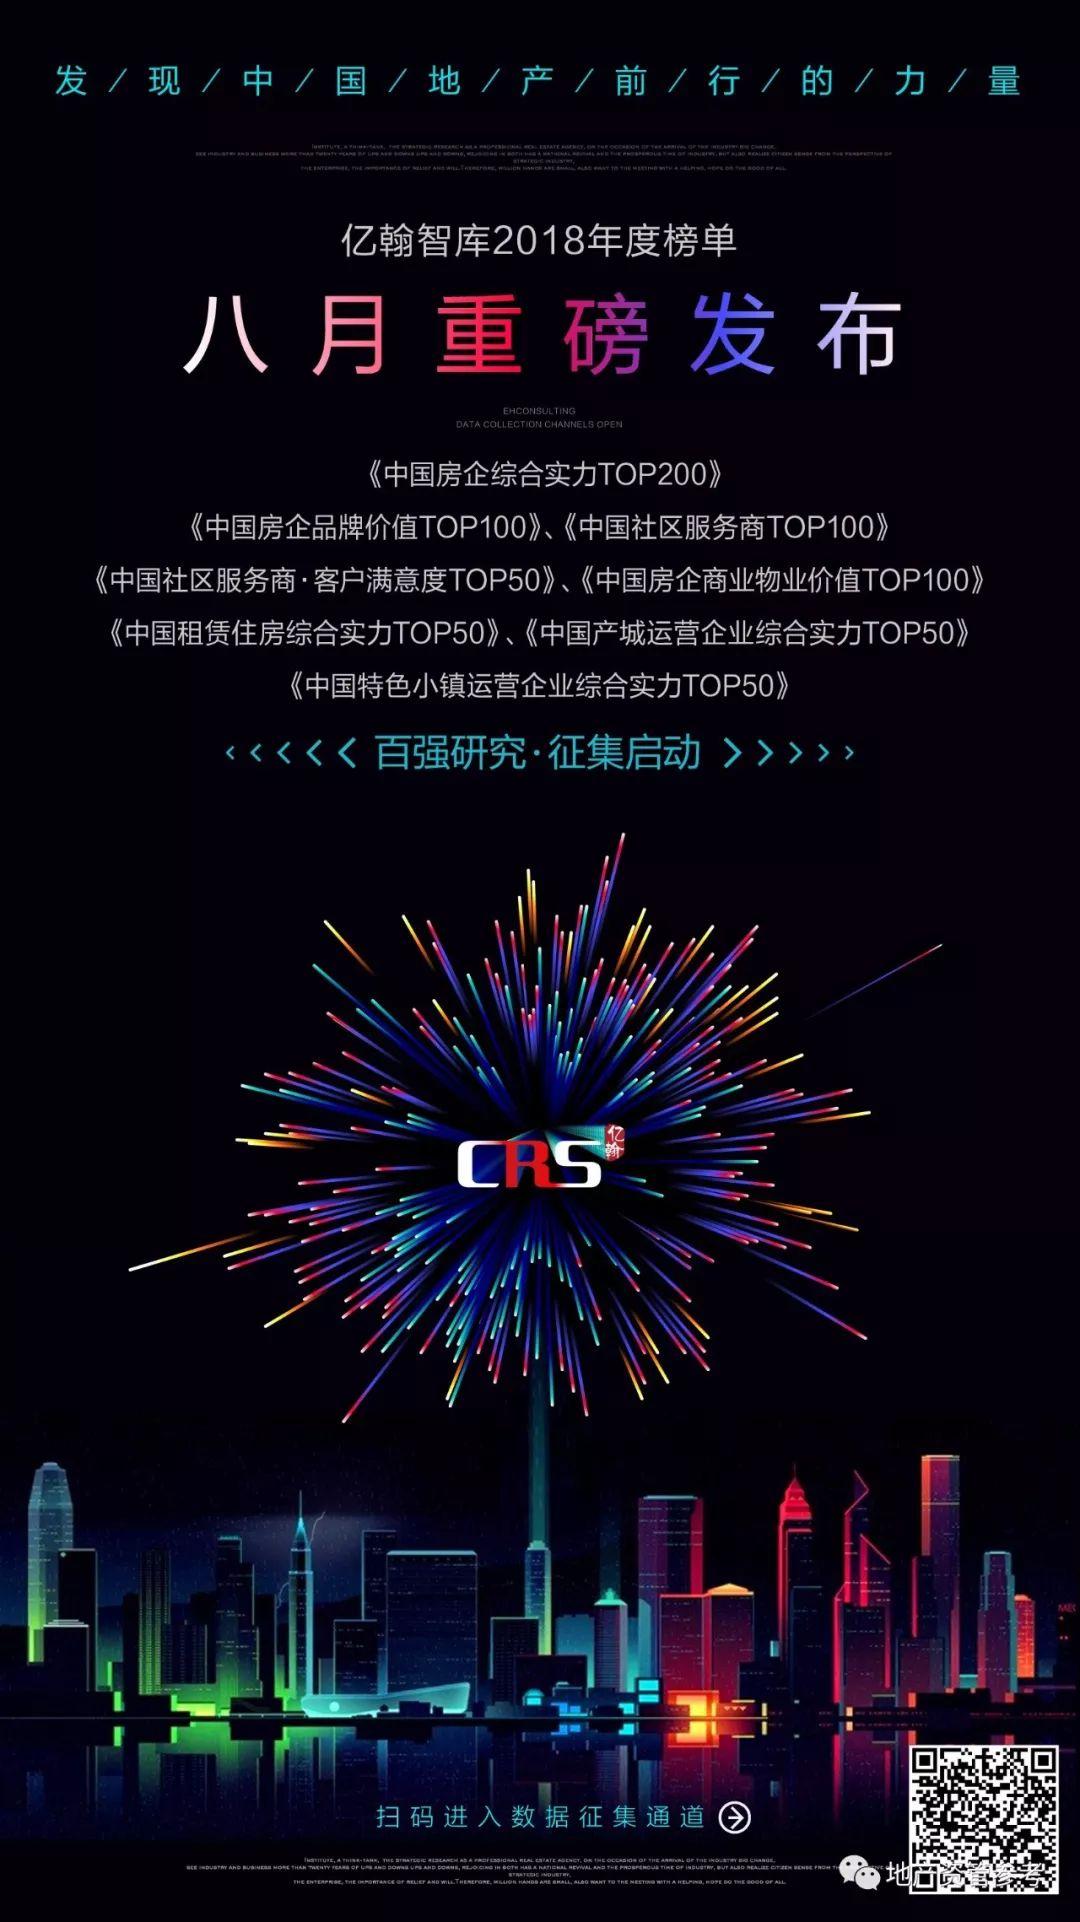 2018年6月中国典型商业地产品牌指数TOP50